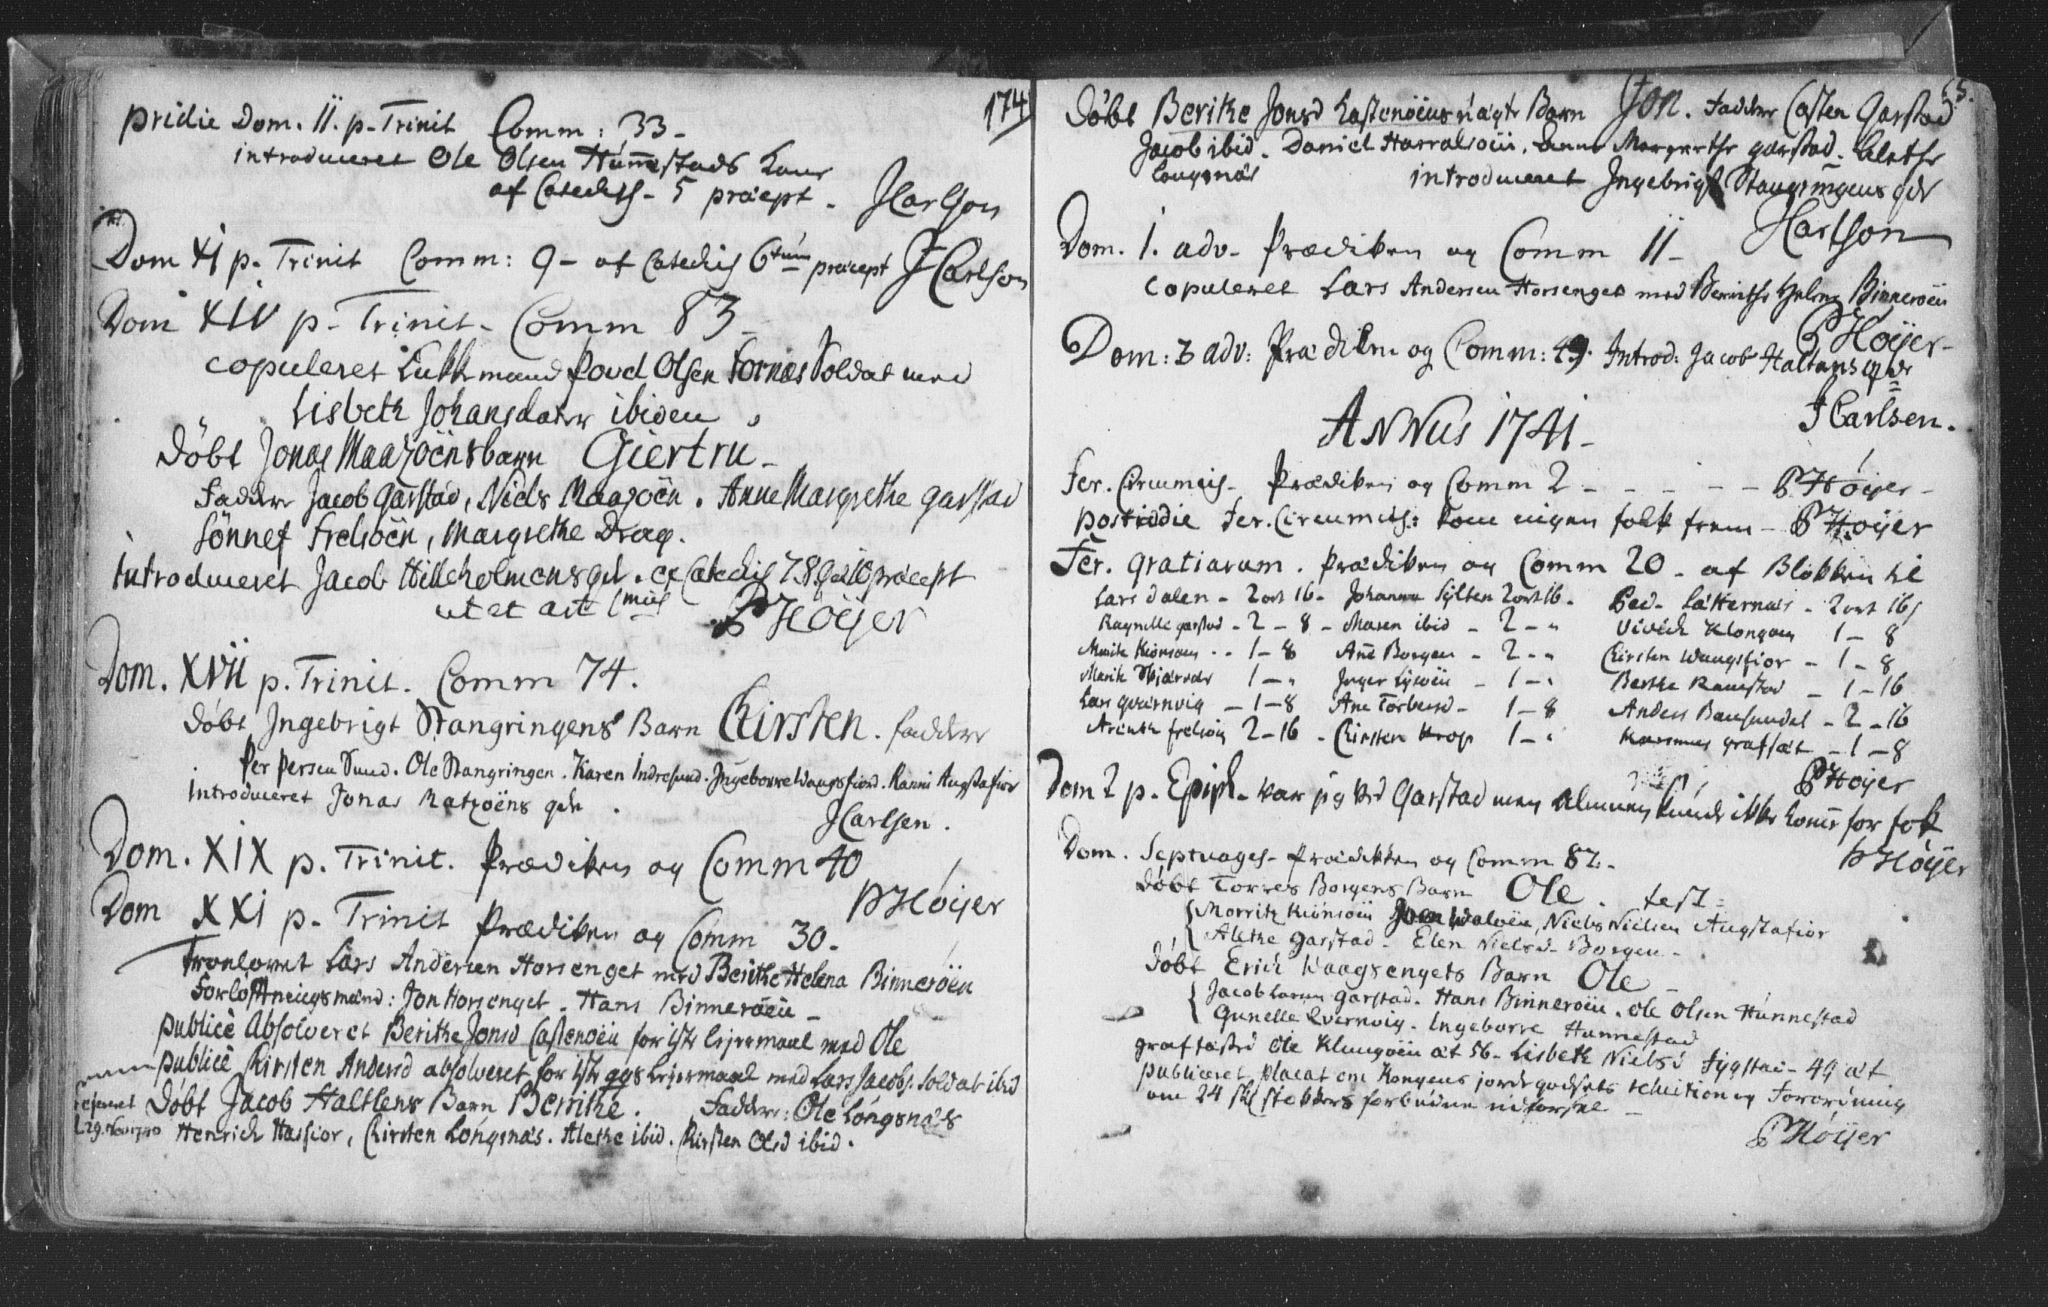 SAT, Ministerialprotokoller, klokkerbøker og fødselsregistre - Nord-Trøndelag, 786/L0685: Ministerialbok nr. 786A01, 1710-1798, s. 65